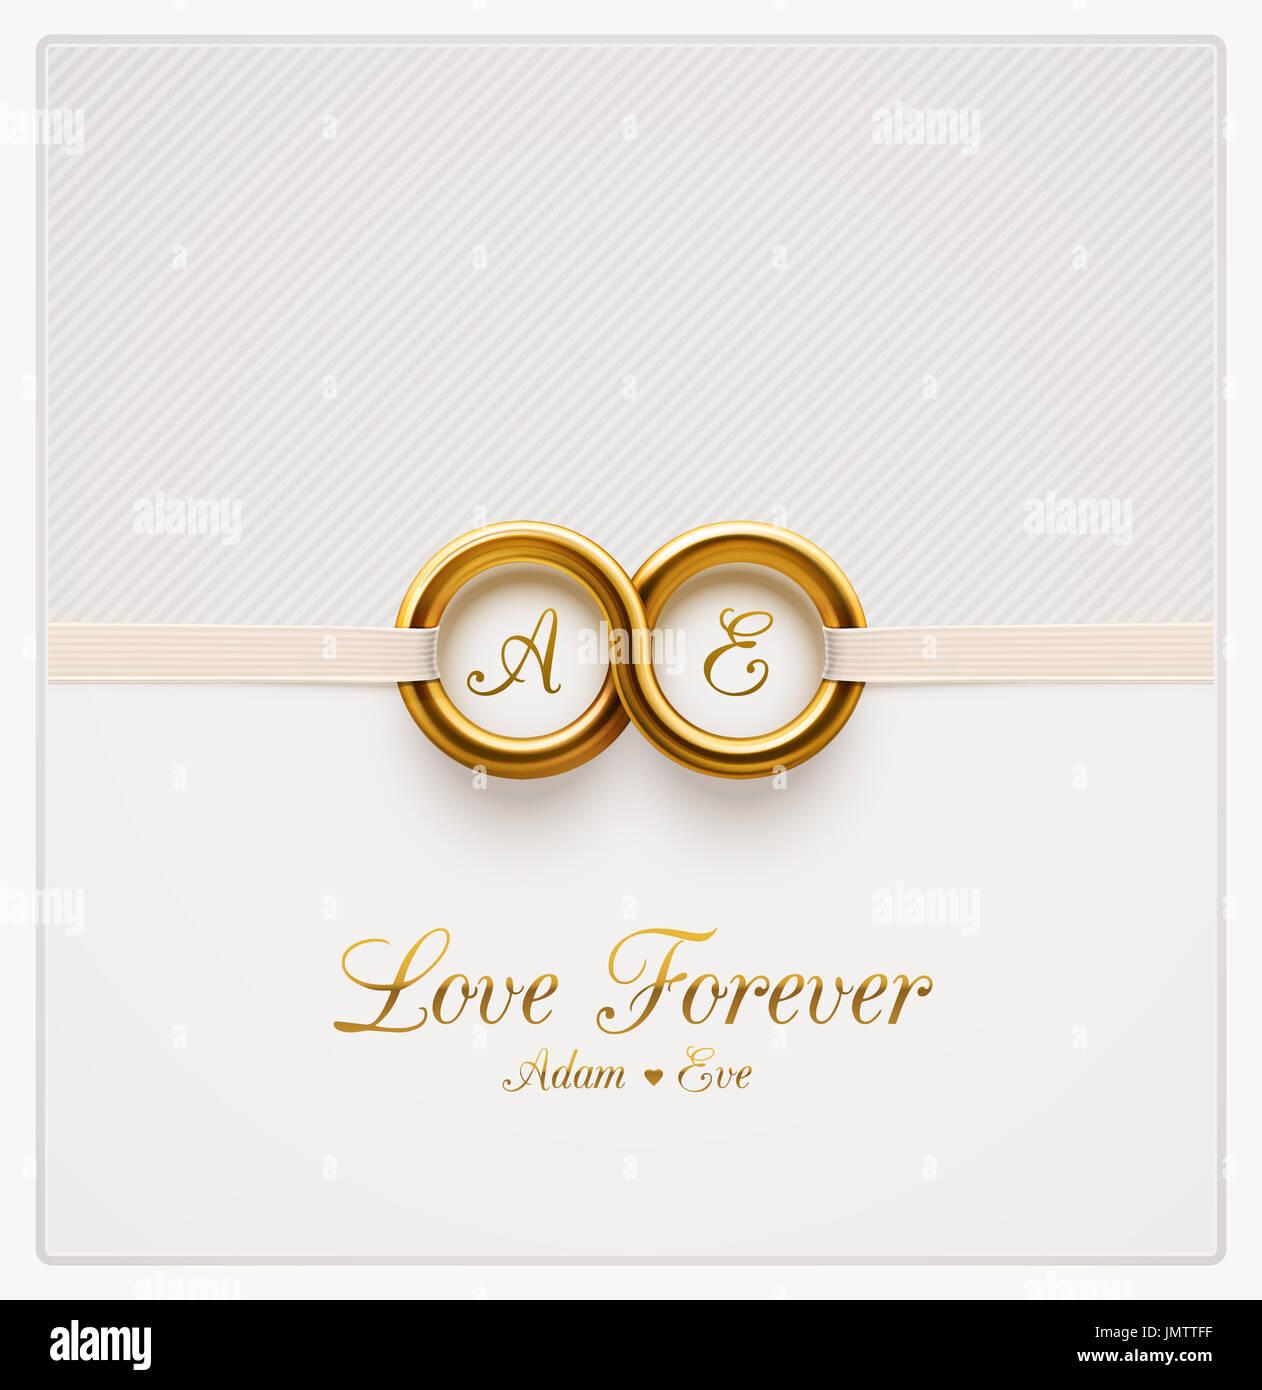 Liebe für immer, Hochzeitseinladung, Eps 10 Stockbild